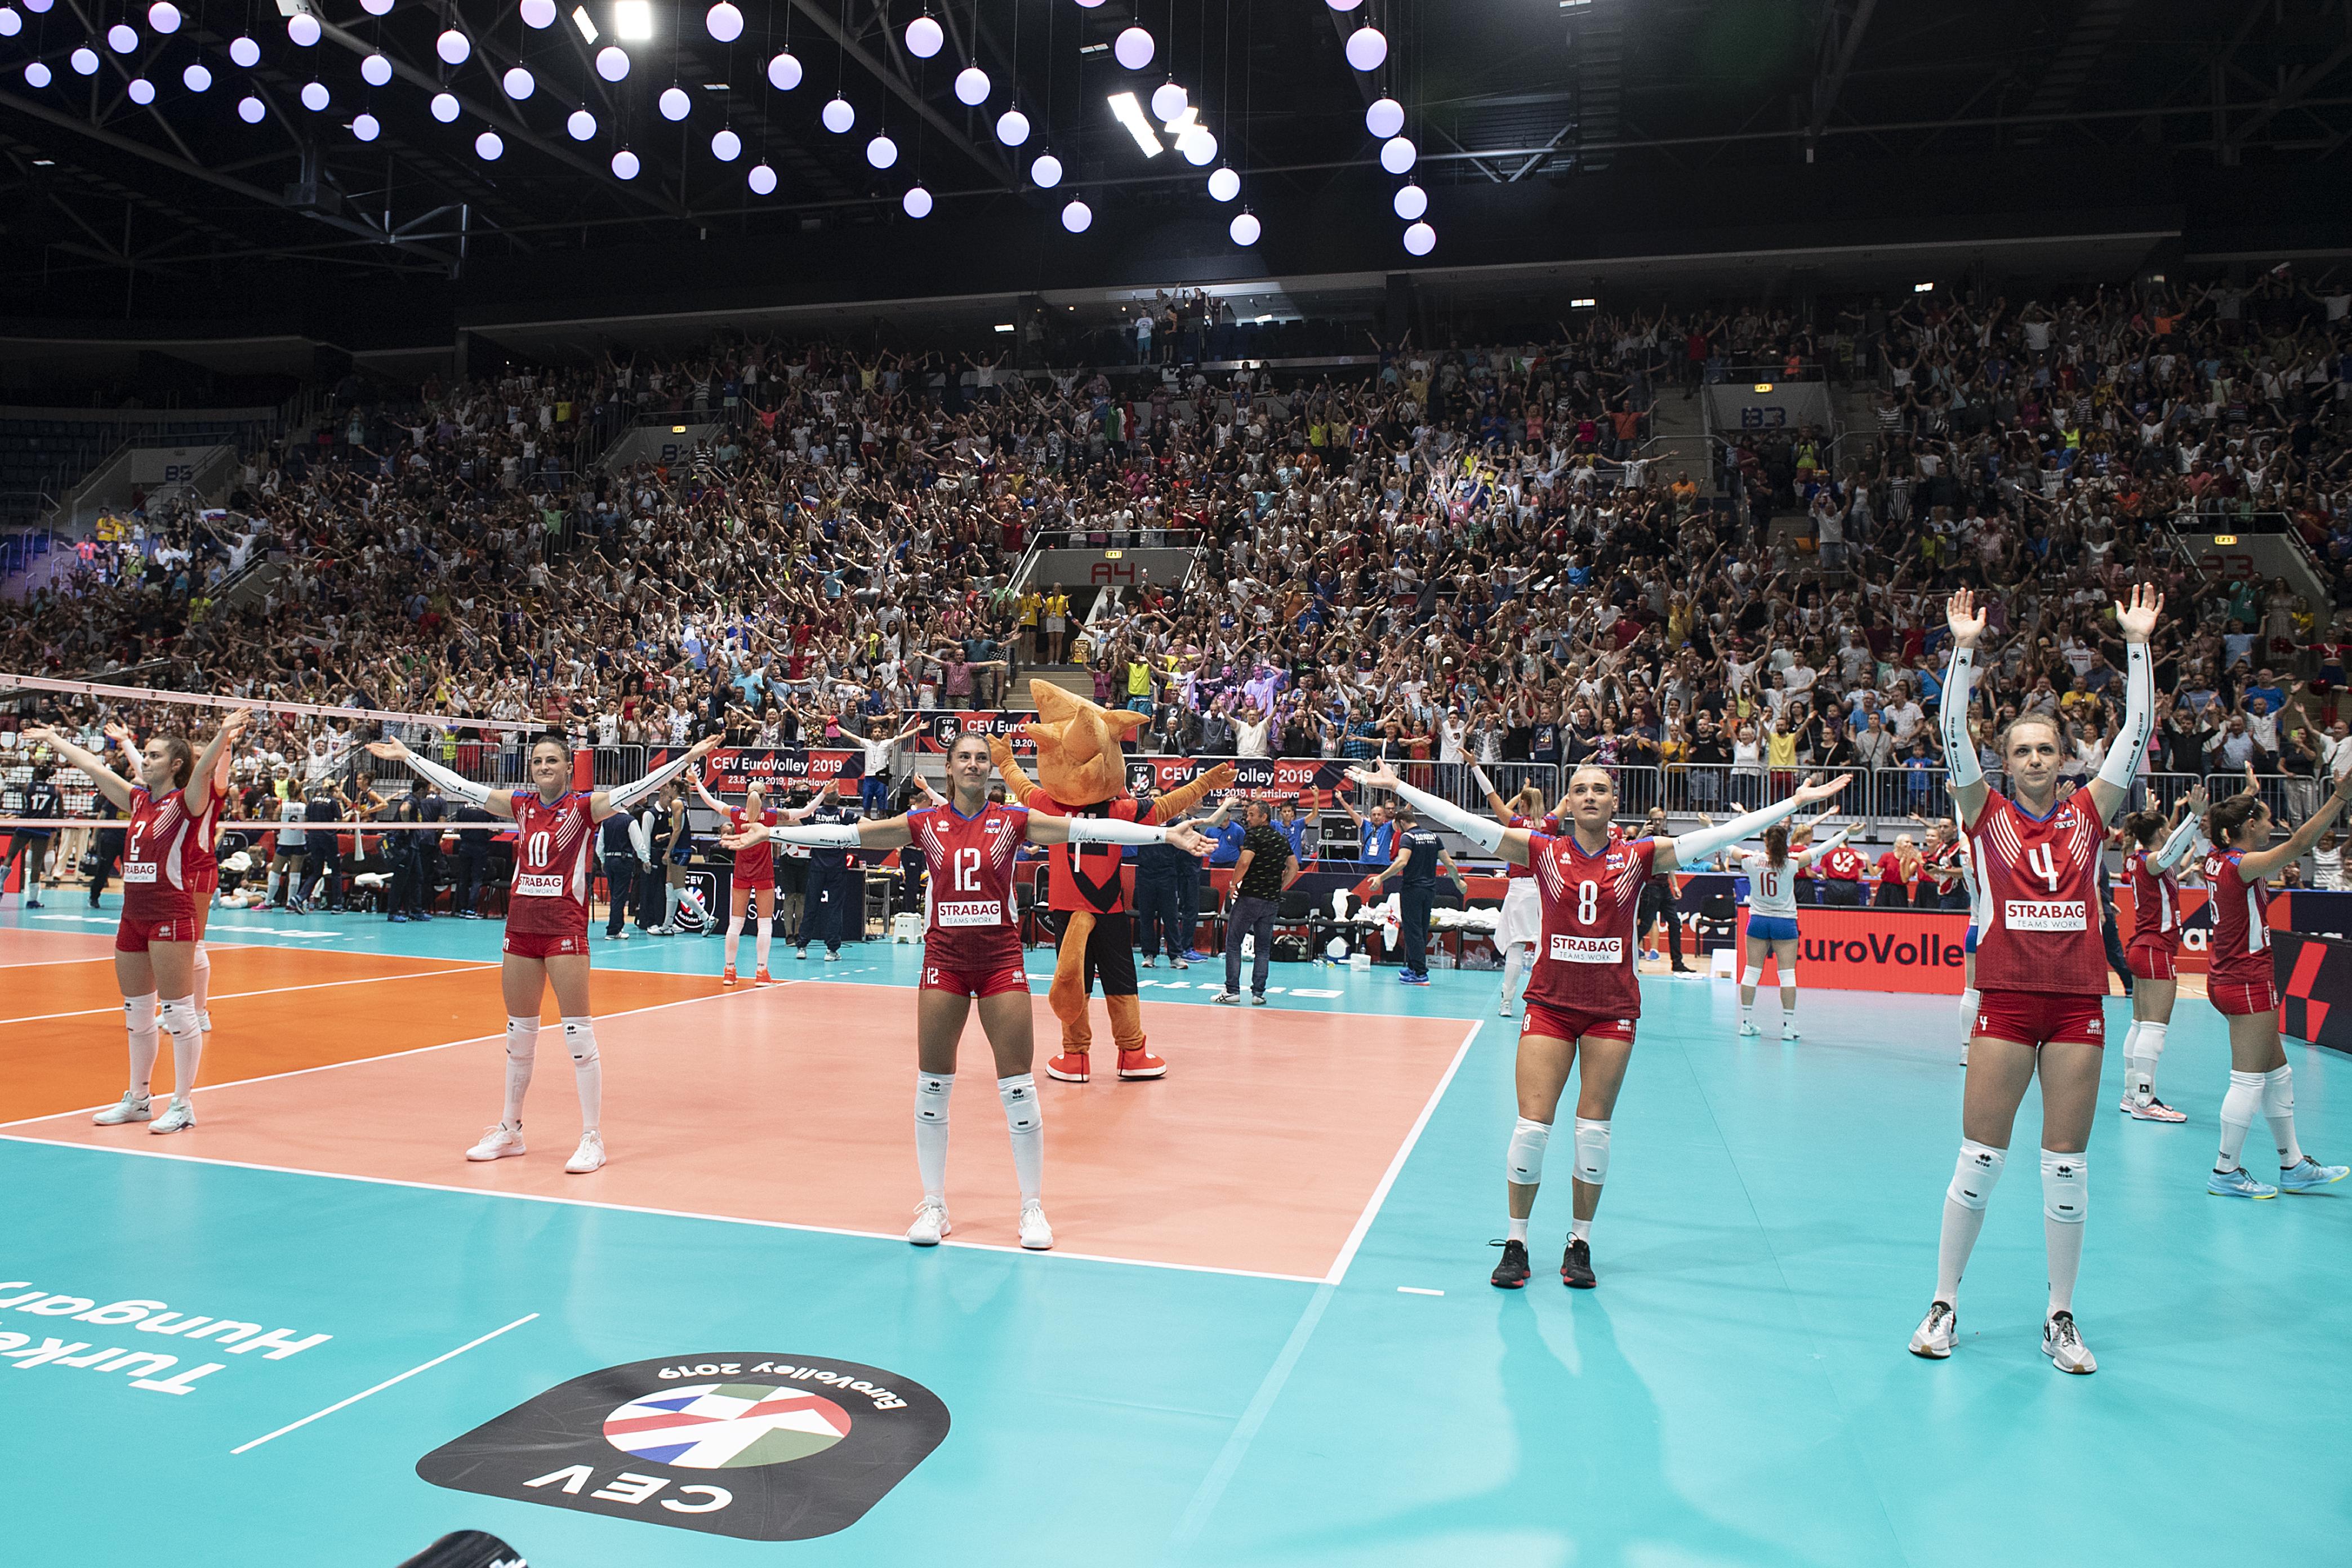 Fantastický šampionát v Bratislave priniesol skvelé výkony a fantastickú atmosféru. FOTO: Jakub Súkup